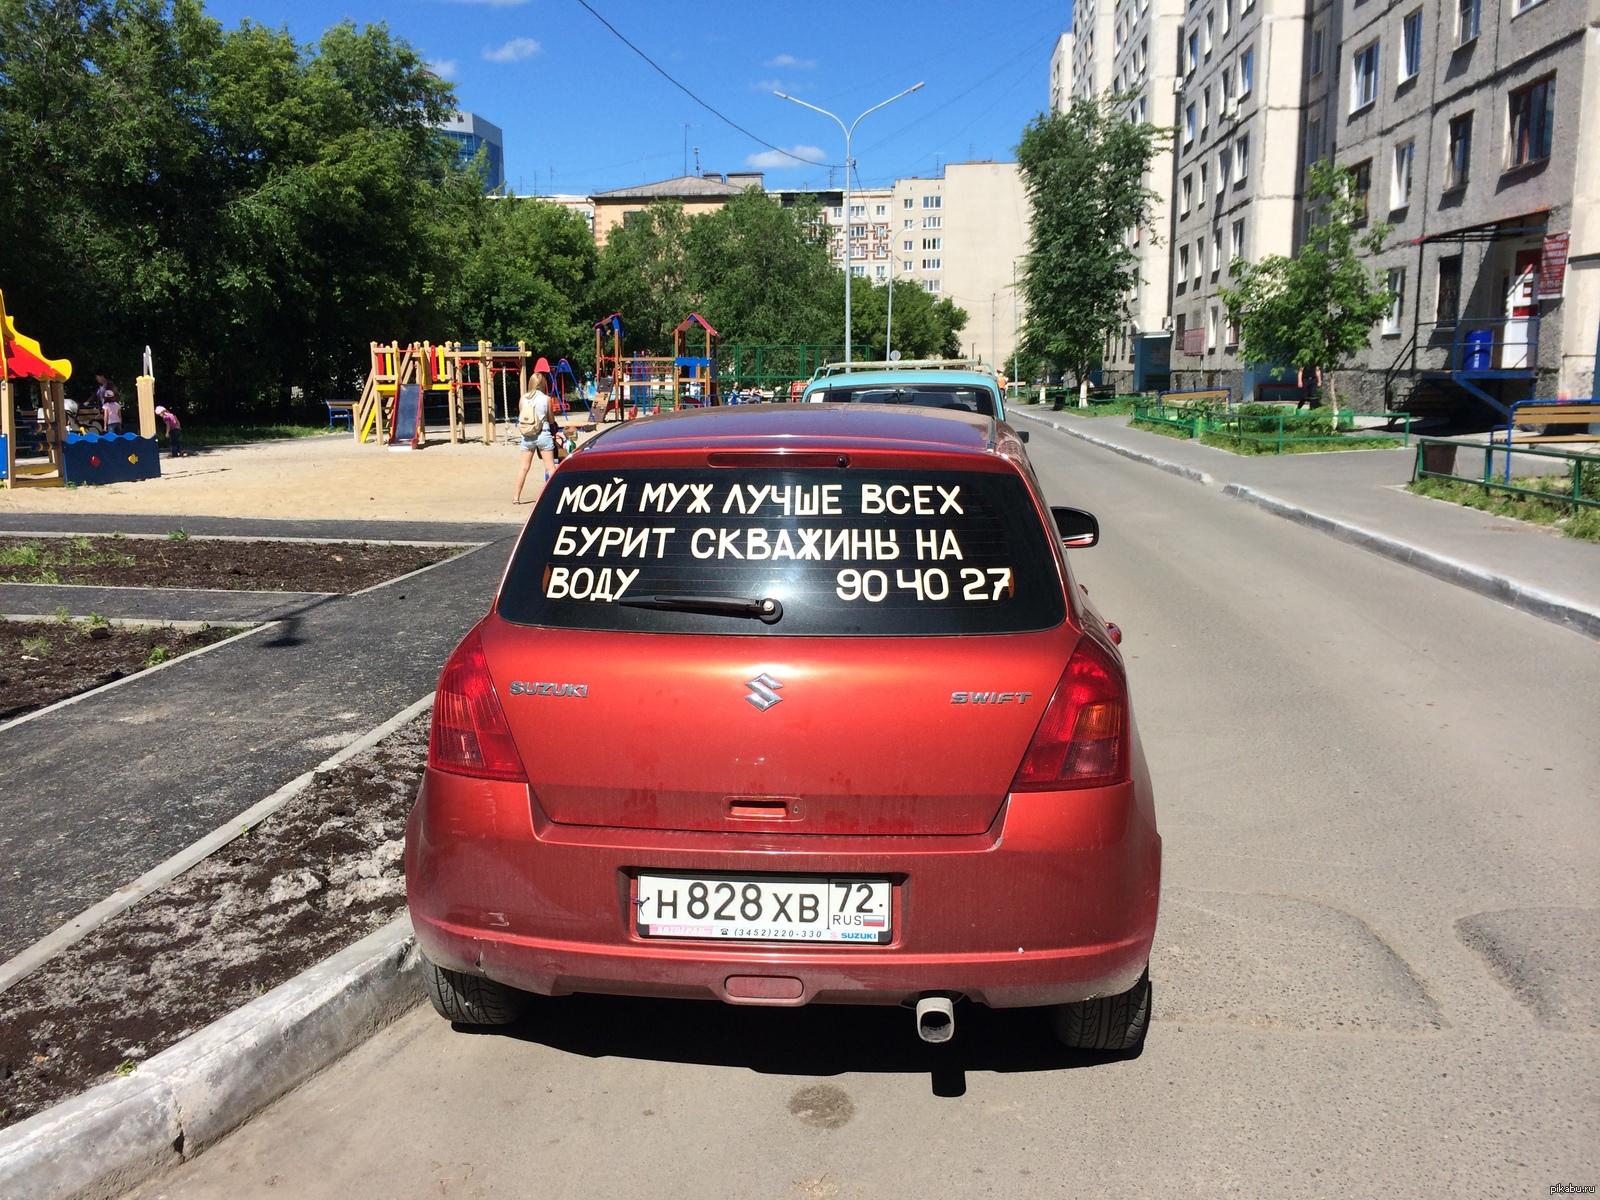 Картинки про машины с надписями, ребенку